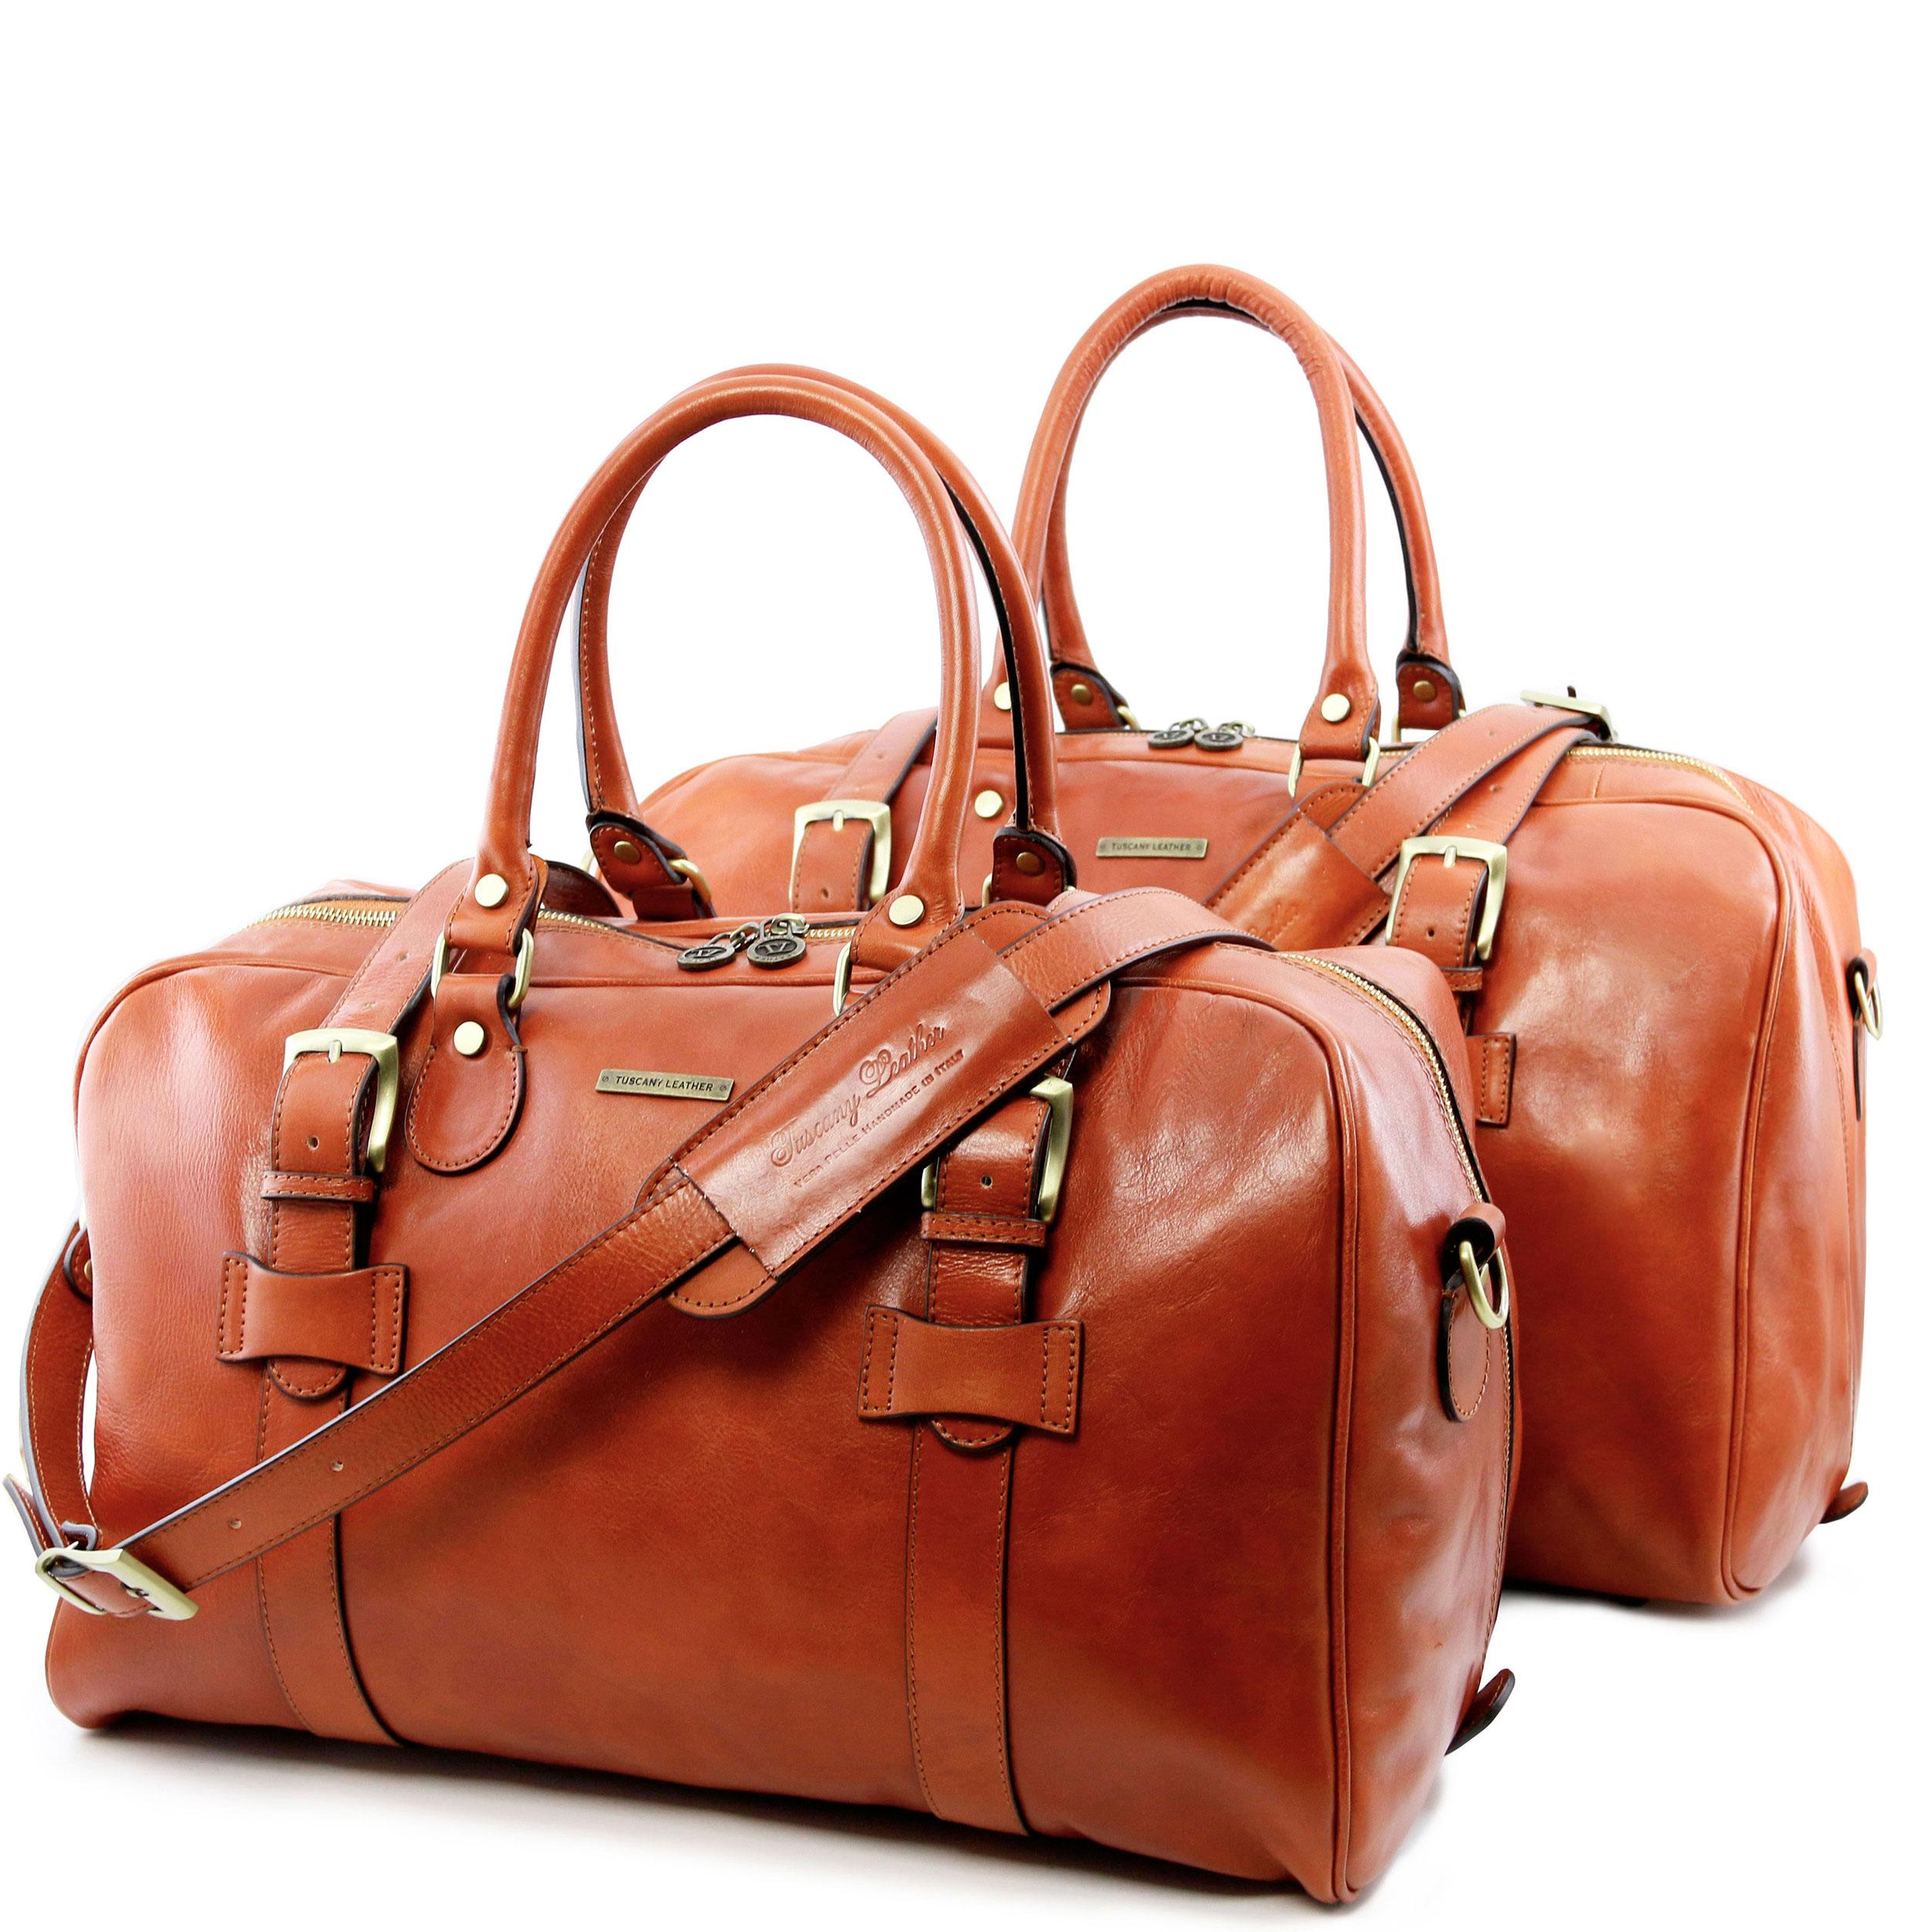 Tuscany Leather TL Voyager Sac de voyage en cuir avec boucles - Petit modèle Miel VOFZNC